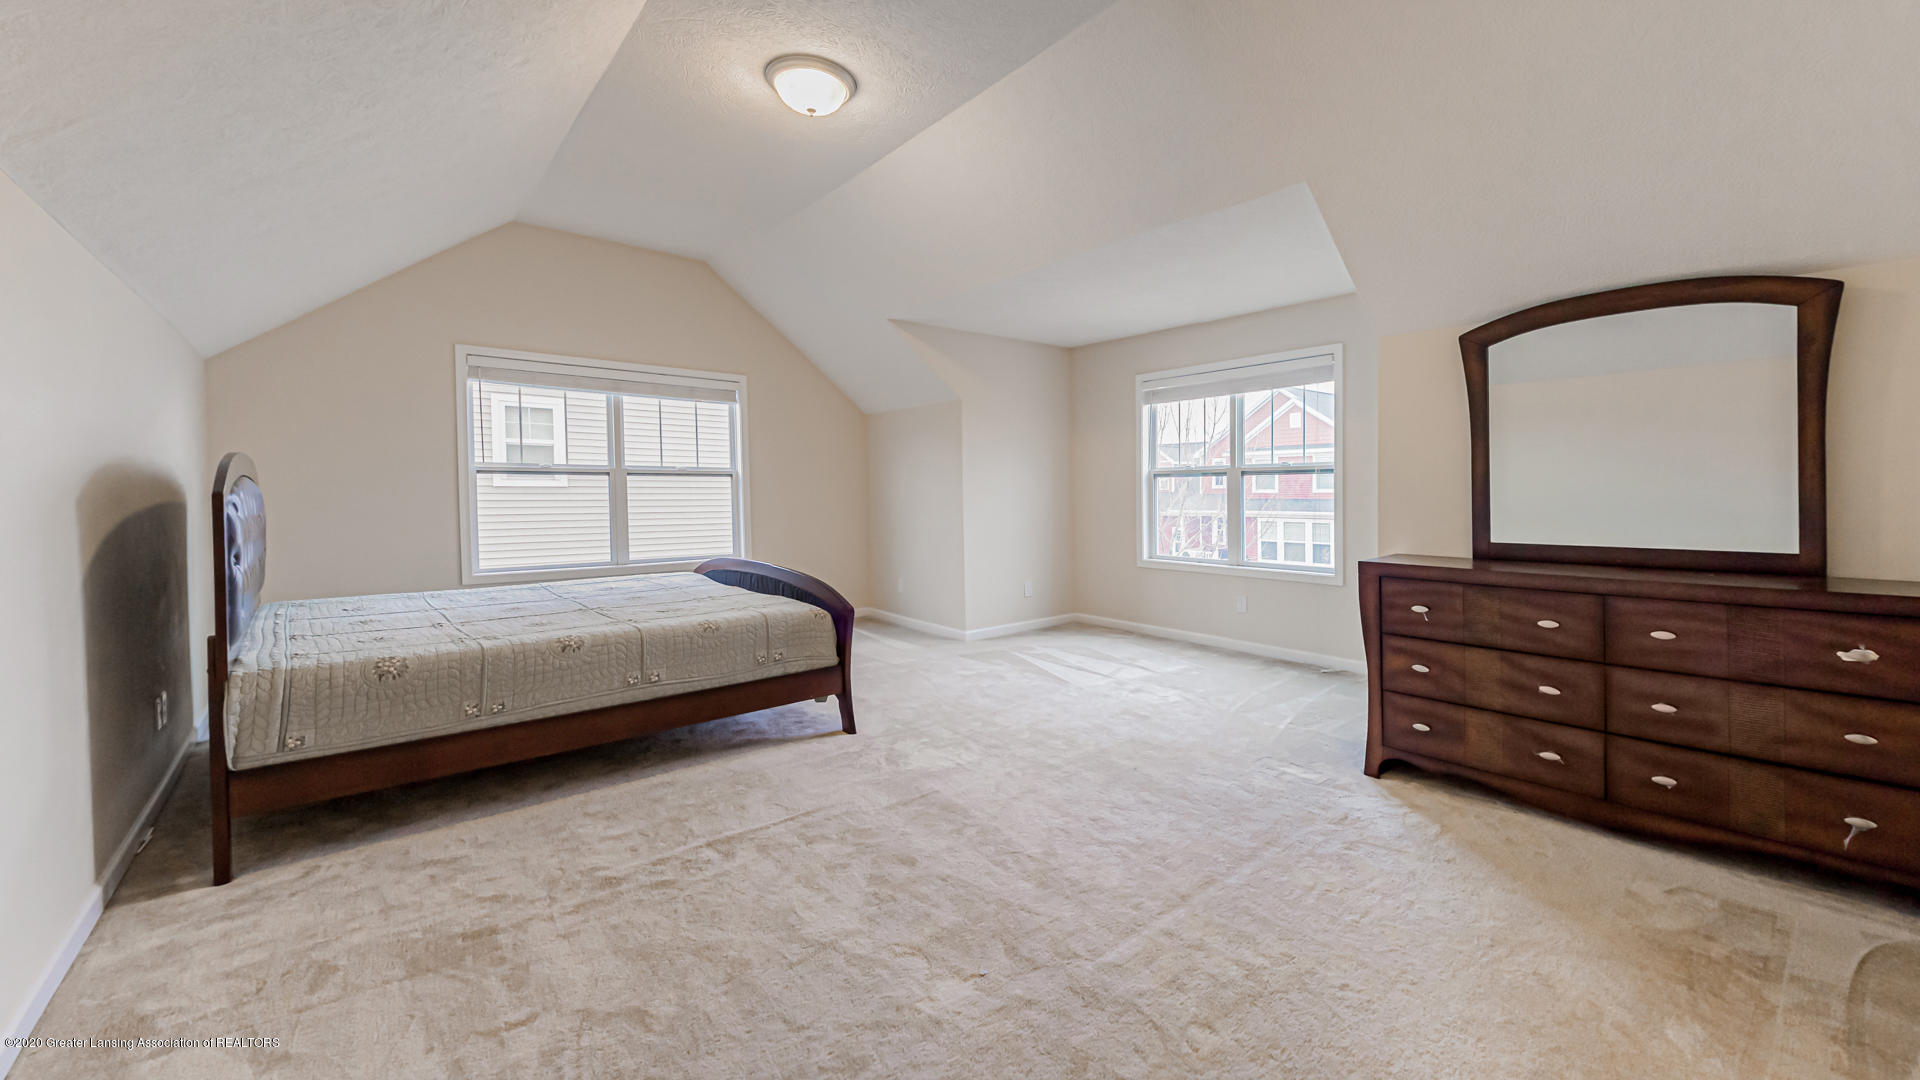 3612 Shearwater Ln - Bedroom - 12